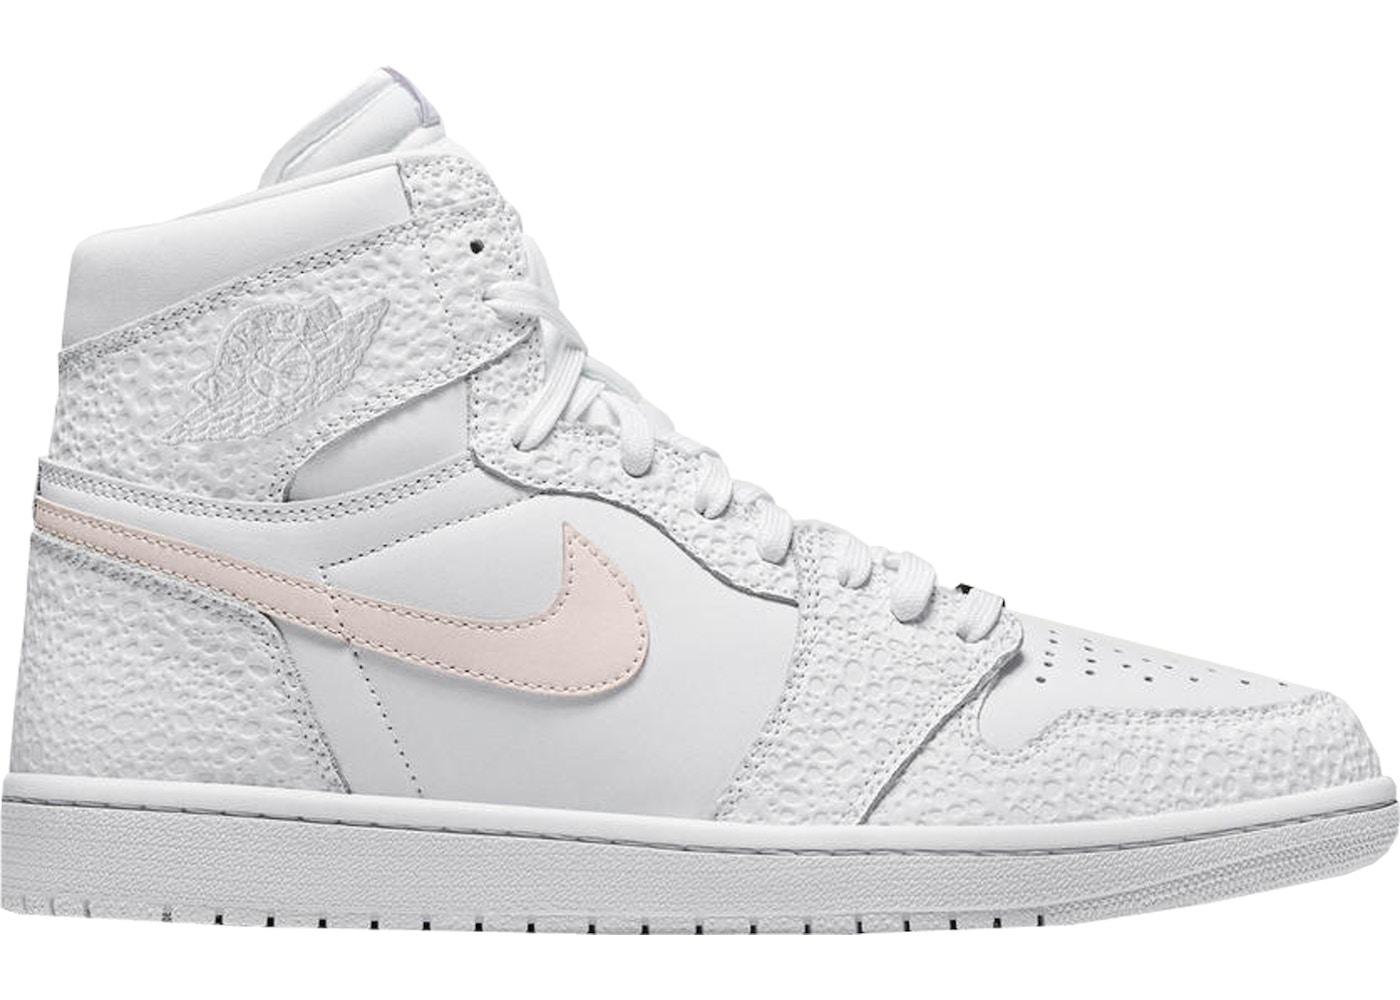 6e094e527bf81 ... Nike Flyleather Tennis  Jordan 1 Retro High Flyleather White . ...